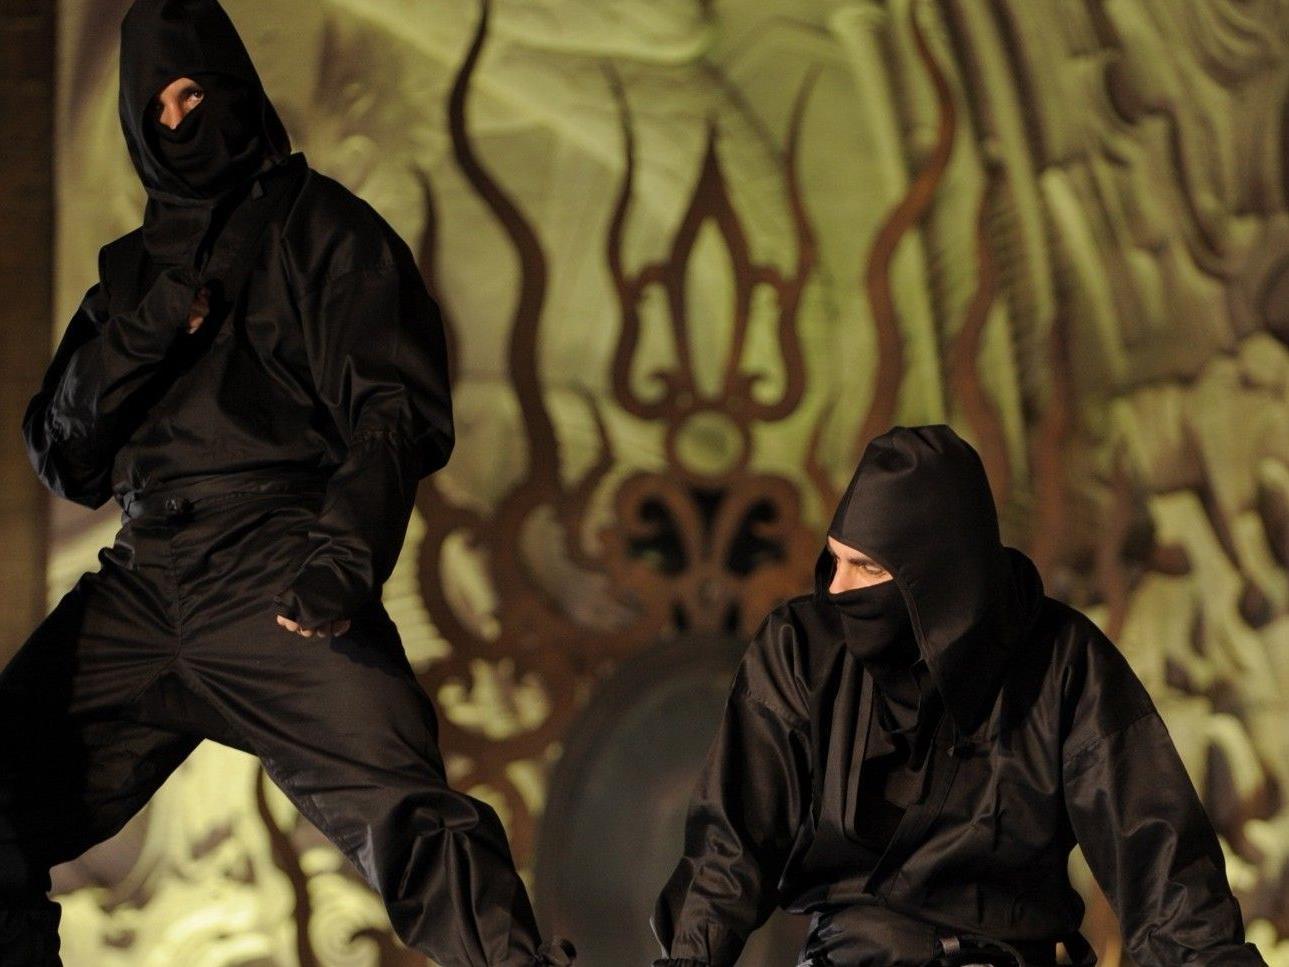 Ninjas kriechen während des Films durch die Reihen und ermahnen ungezogene Gäste.